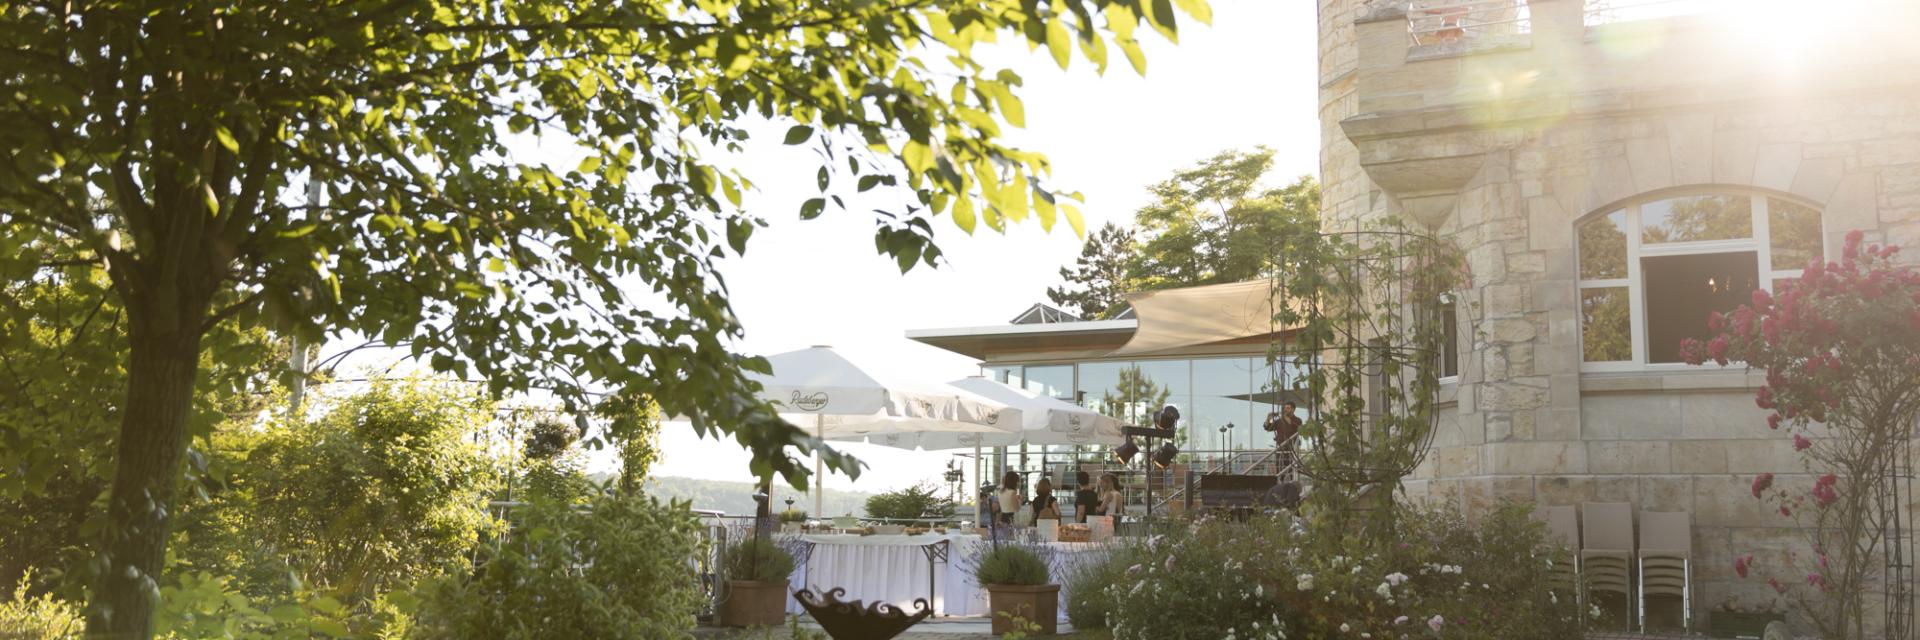 Restaurant am Landgrafen von außen bei Sonnenschein © Landgrafen Restaurant, Foto: Jan Birkenbeil